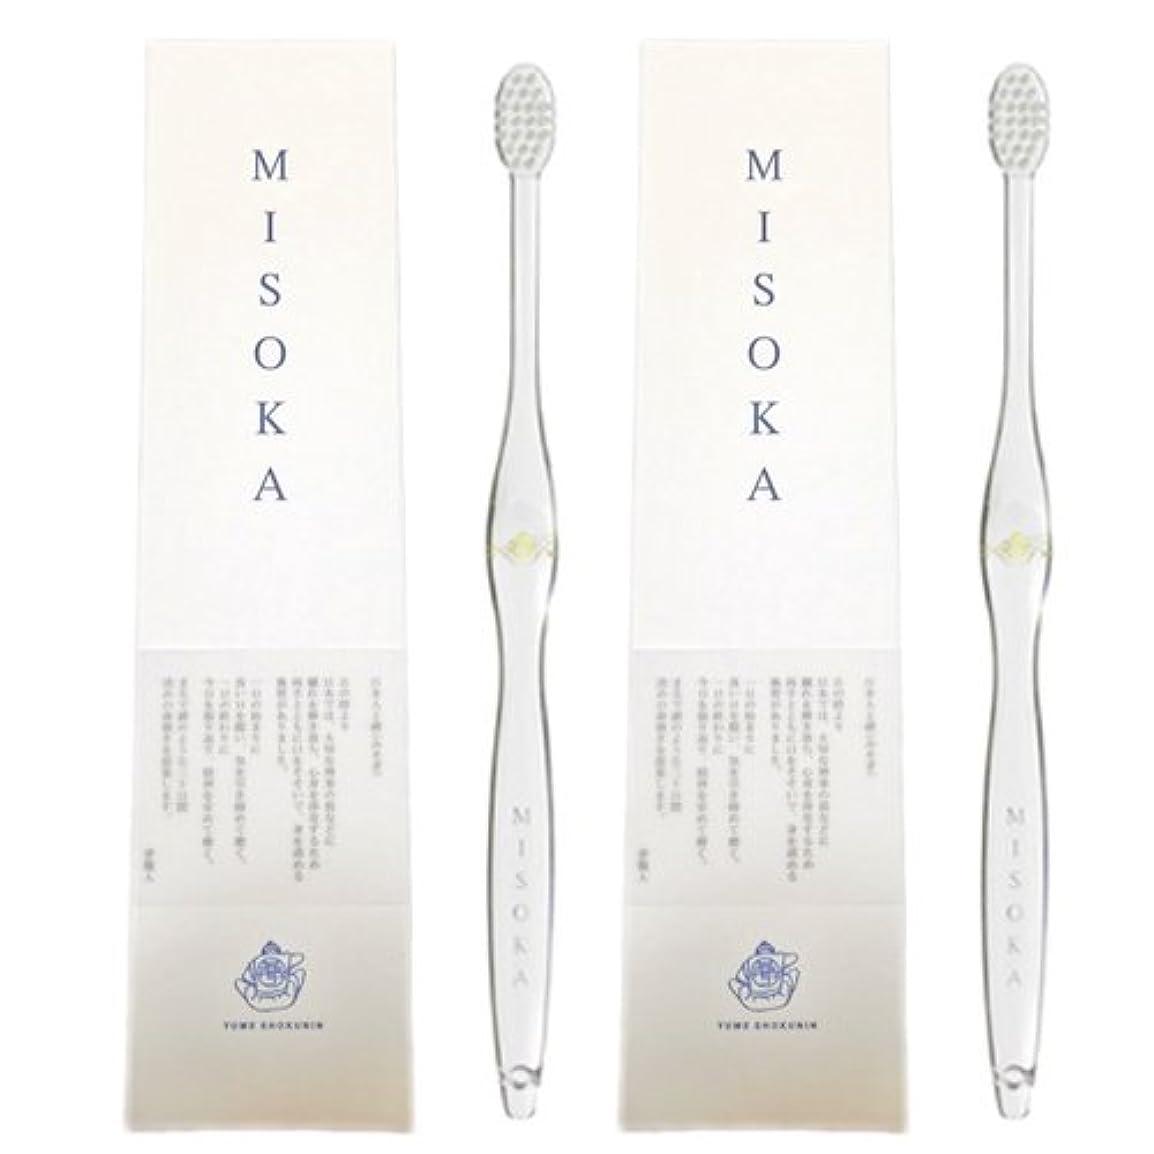 高度なバラ色知的MISOKA(ミソカ) ハブラシ 山吹色 2本セット